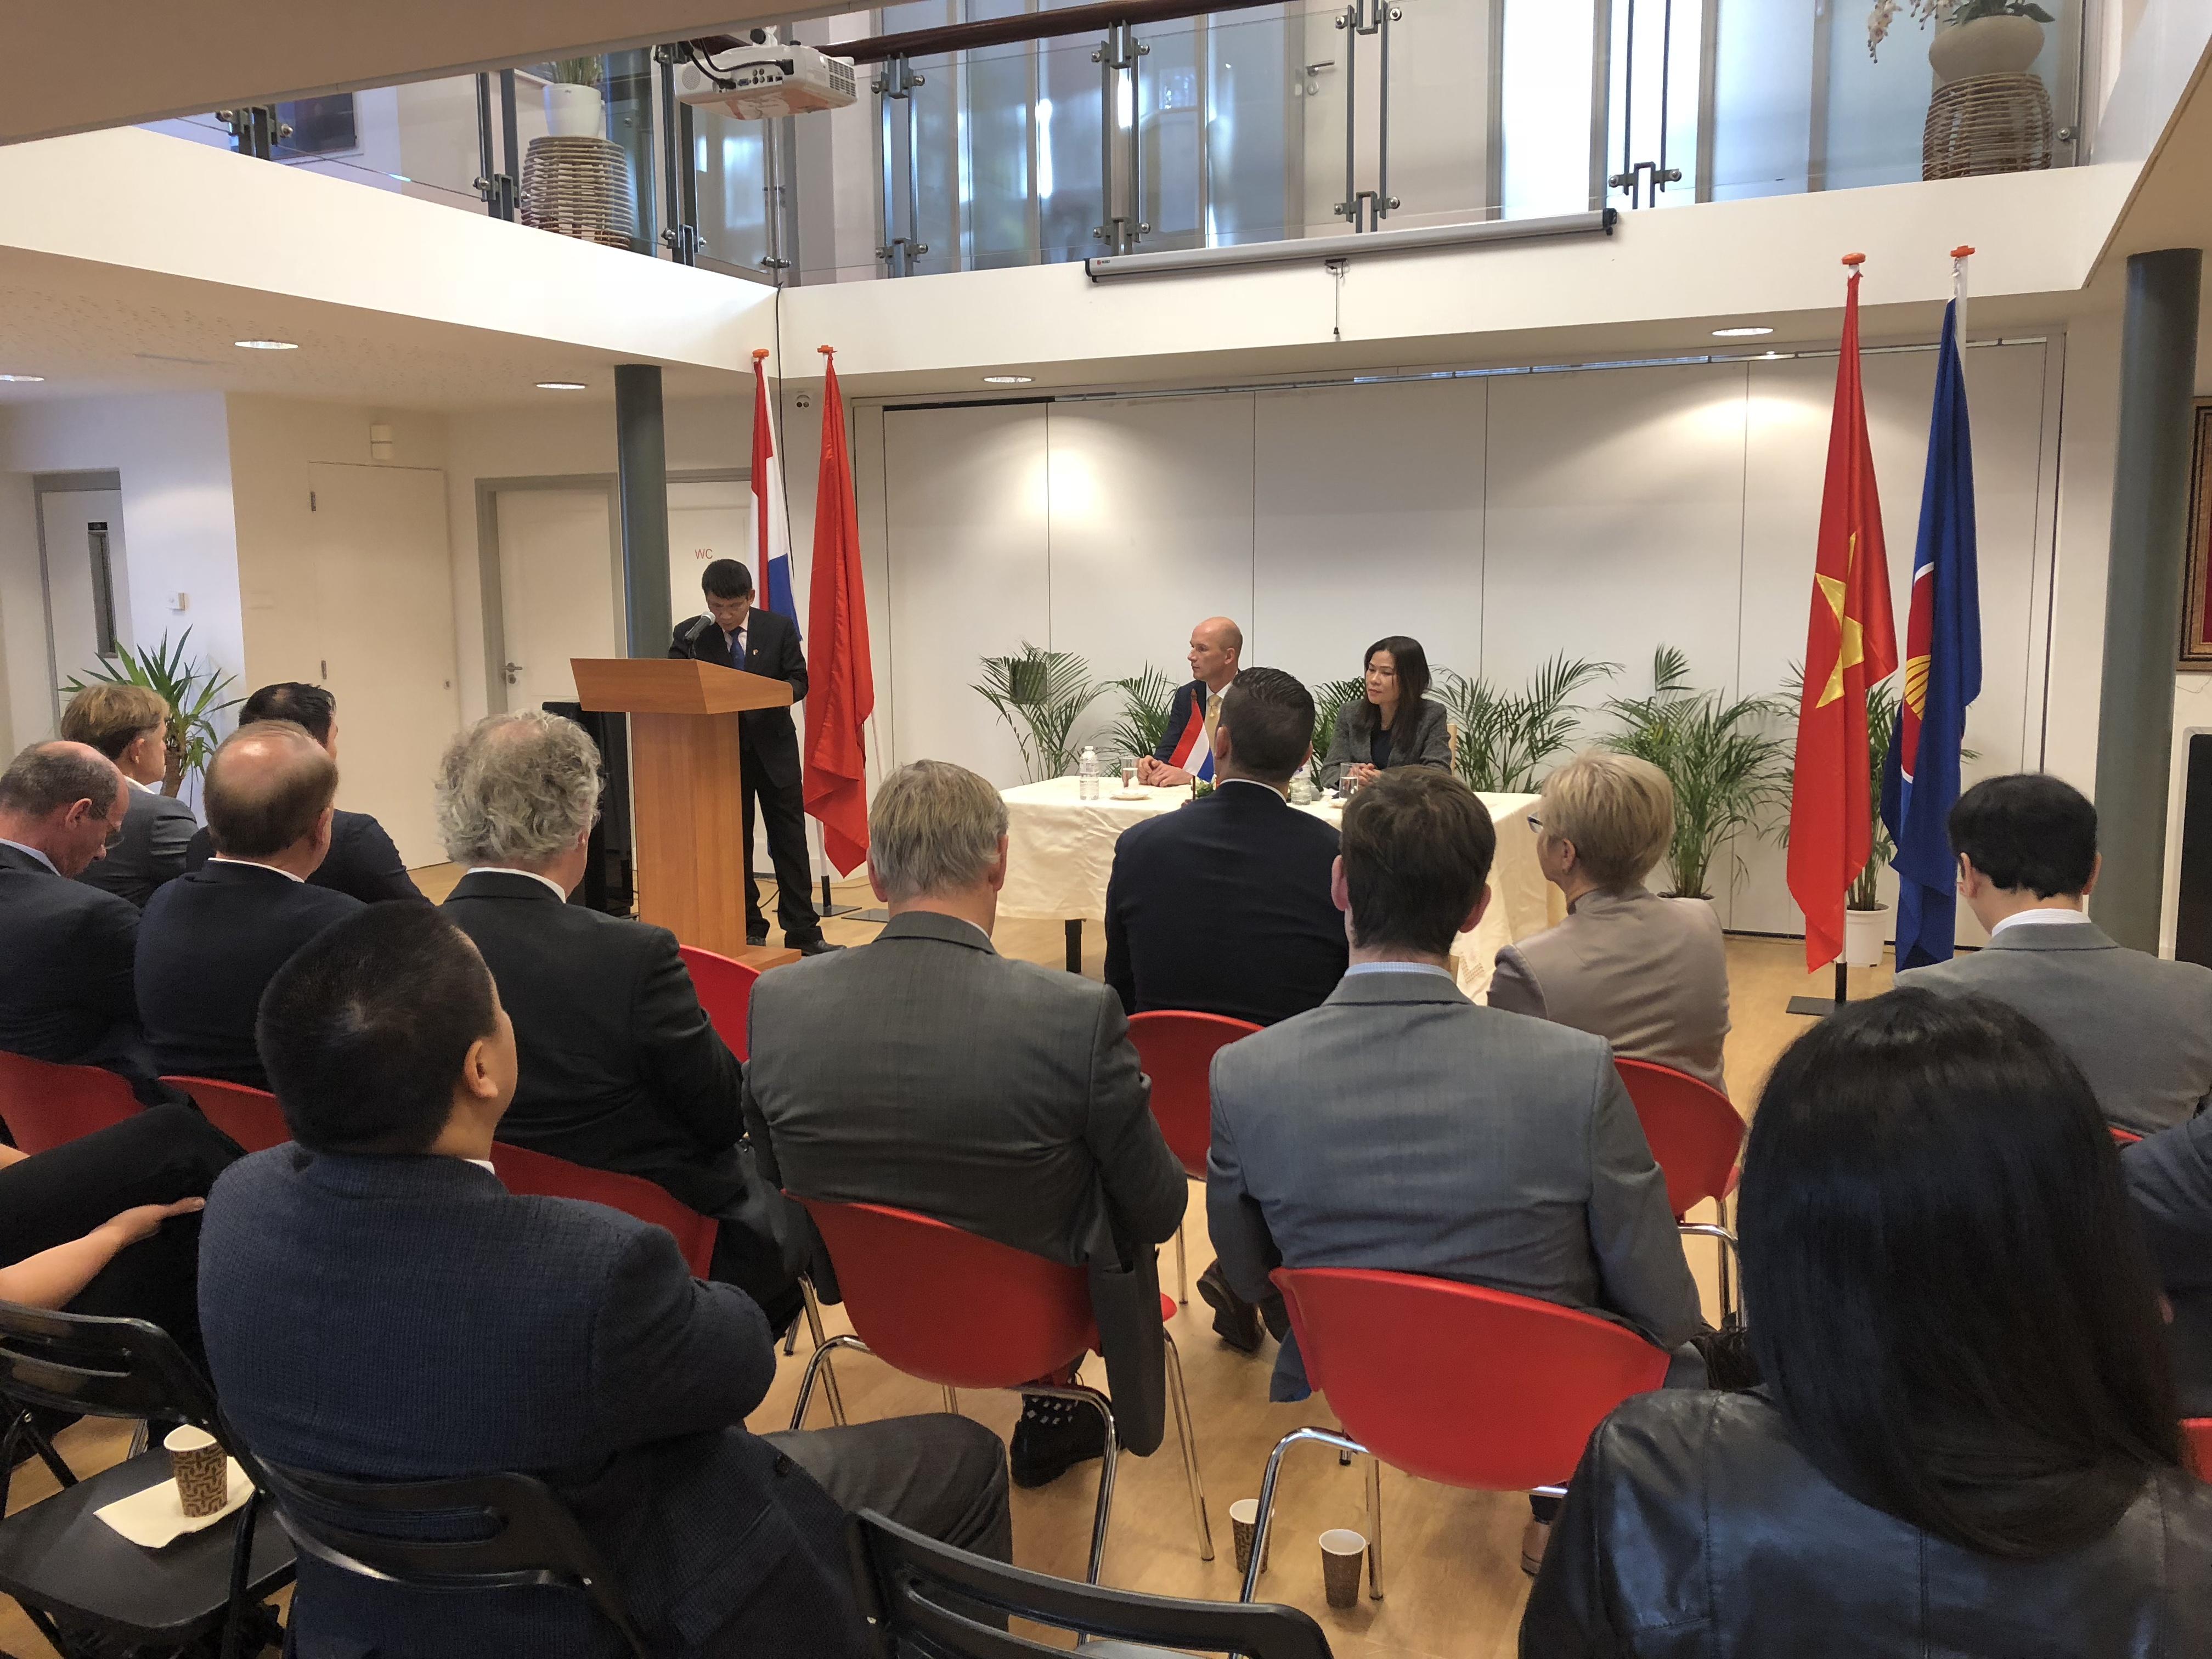 Thúc đẩy quan hệ hợp tác thương mại đầu tư Việt Nam - Hà Lan